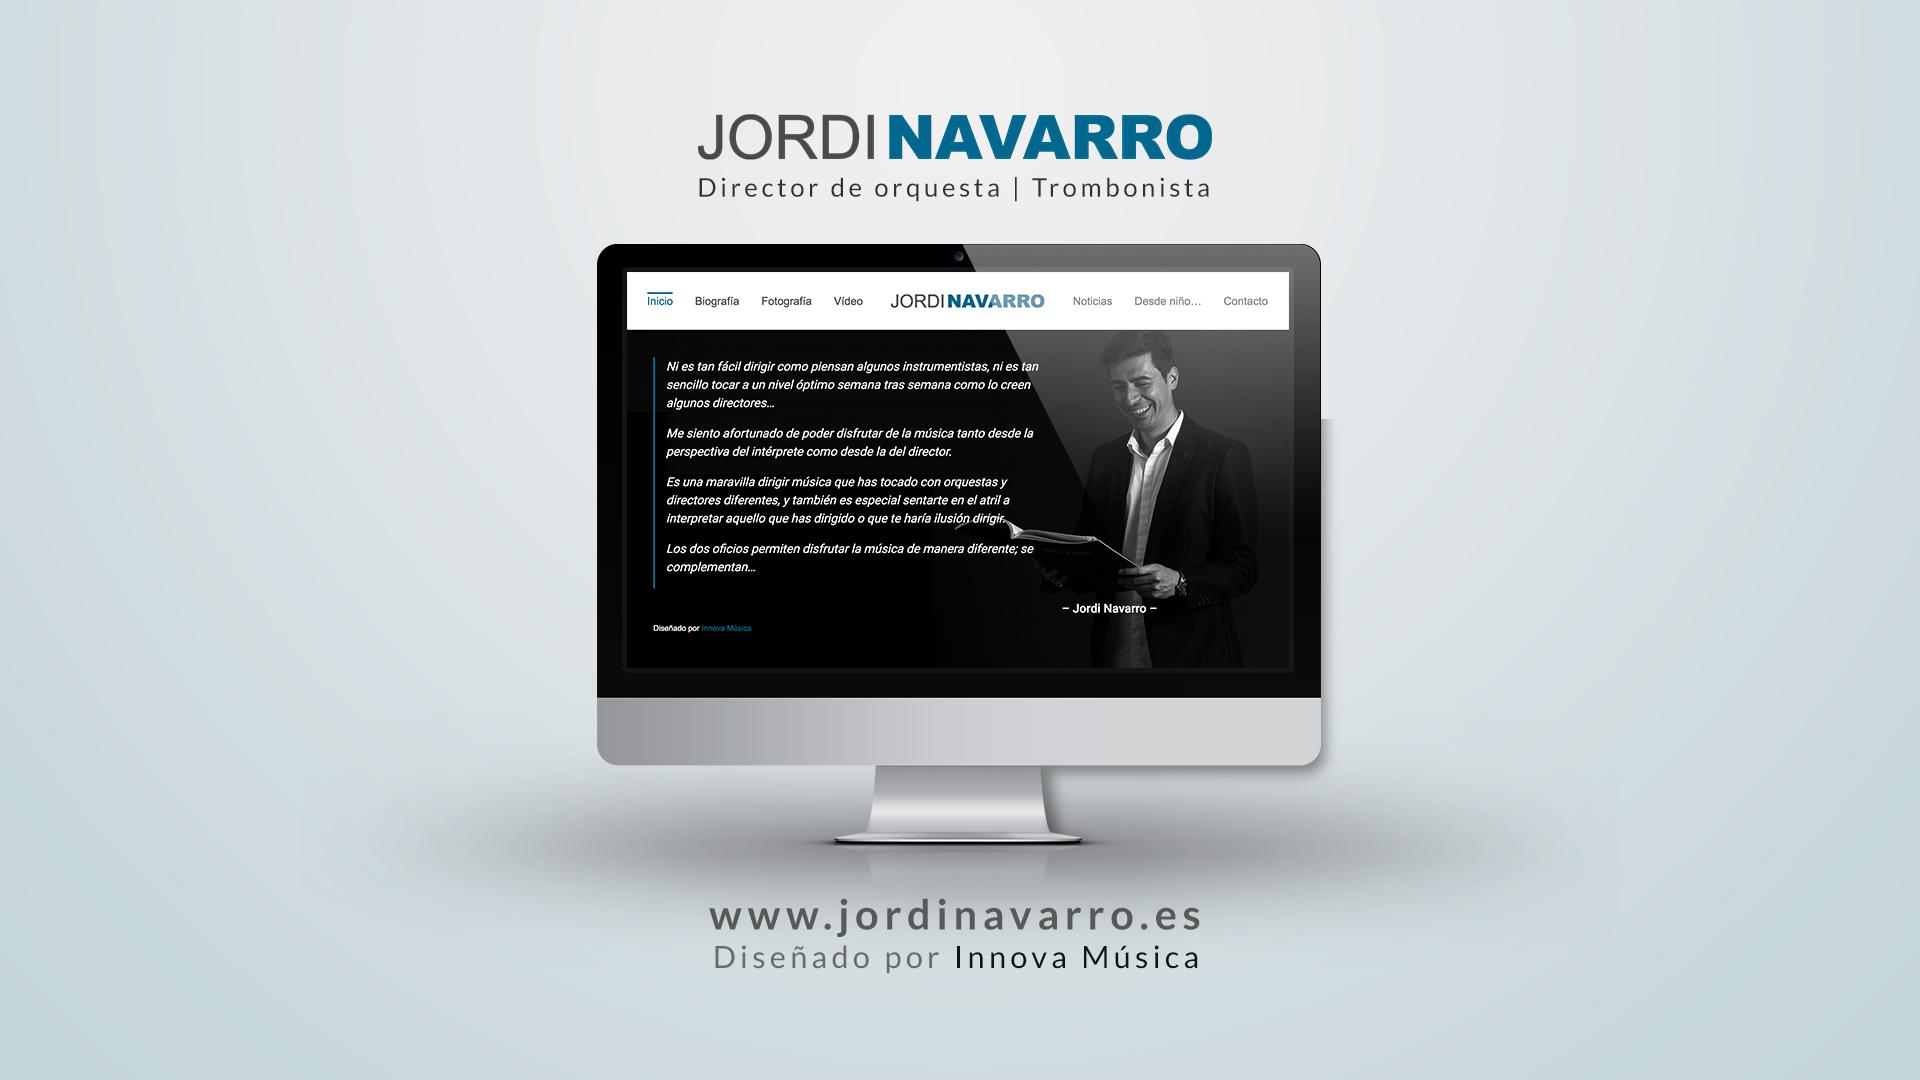 Nueva web de Jordi Navarro, director de orquesta y trombonista de la Orquesta Nacional de España